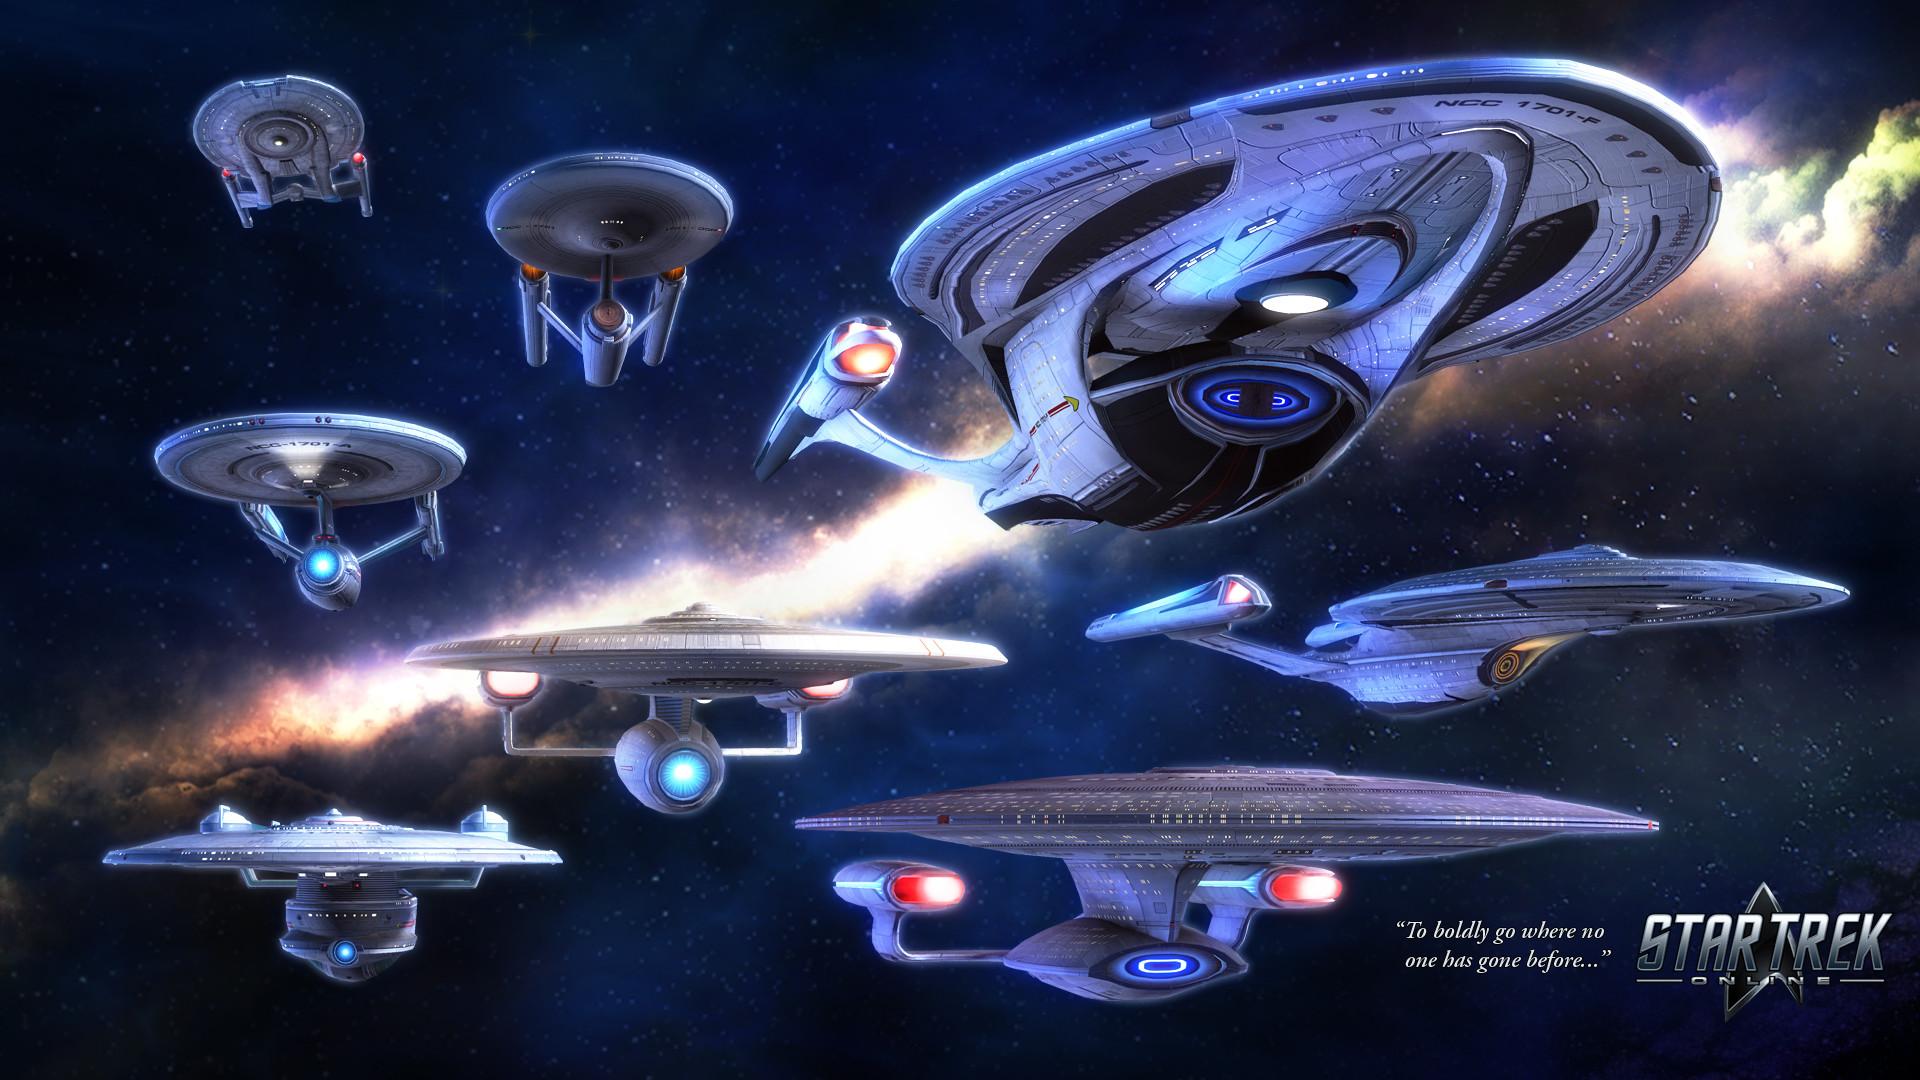 Star Trek Enterprise Ship wallpaper – 911041